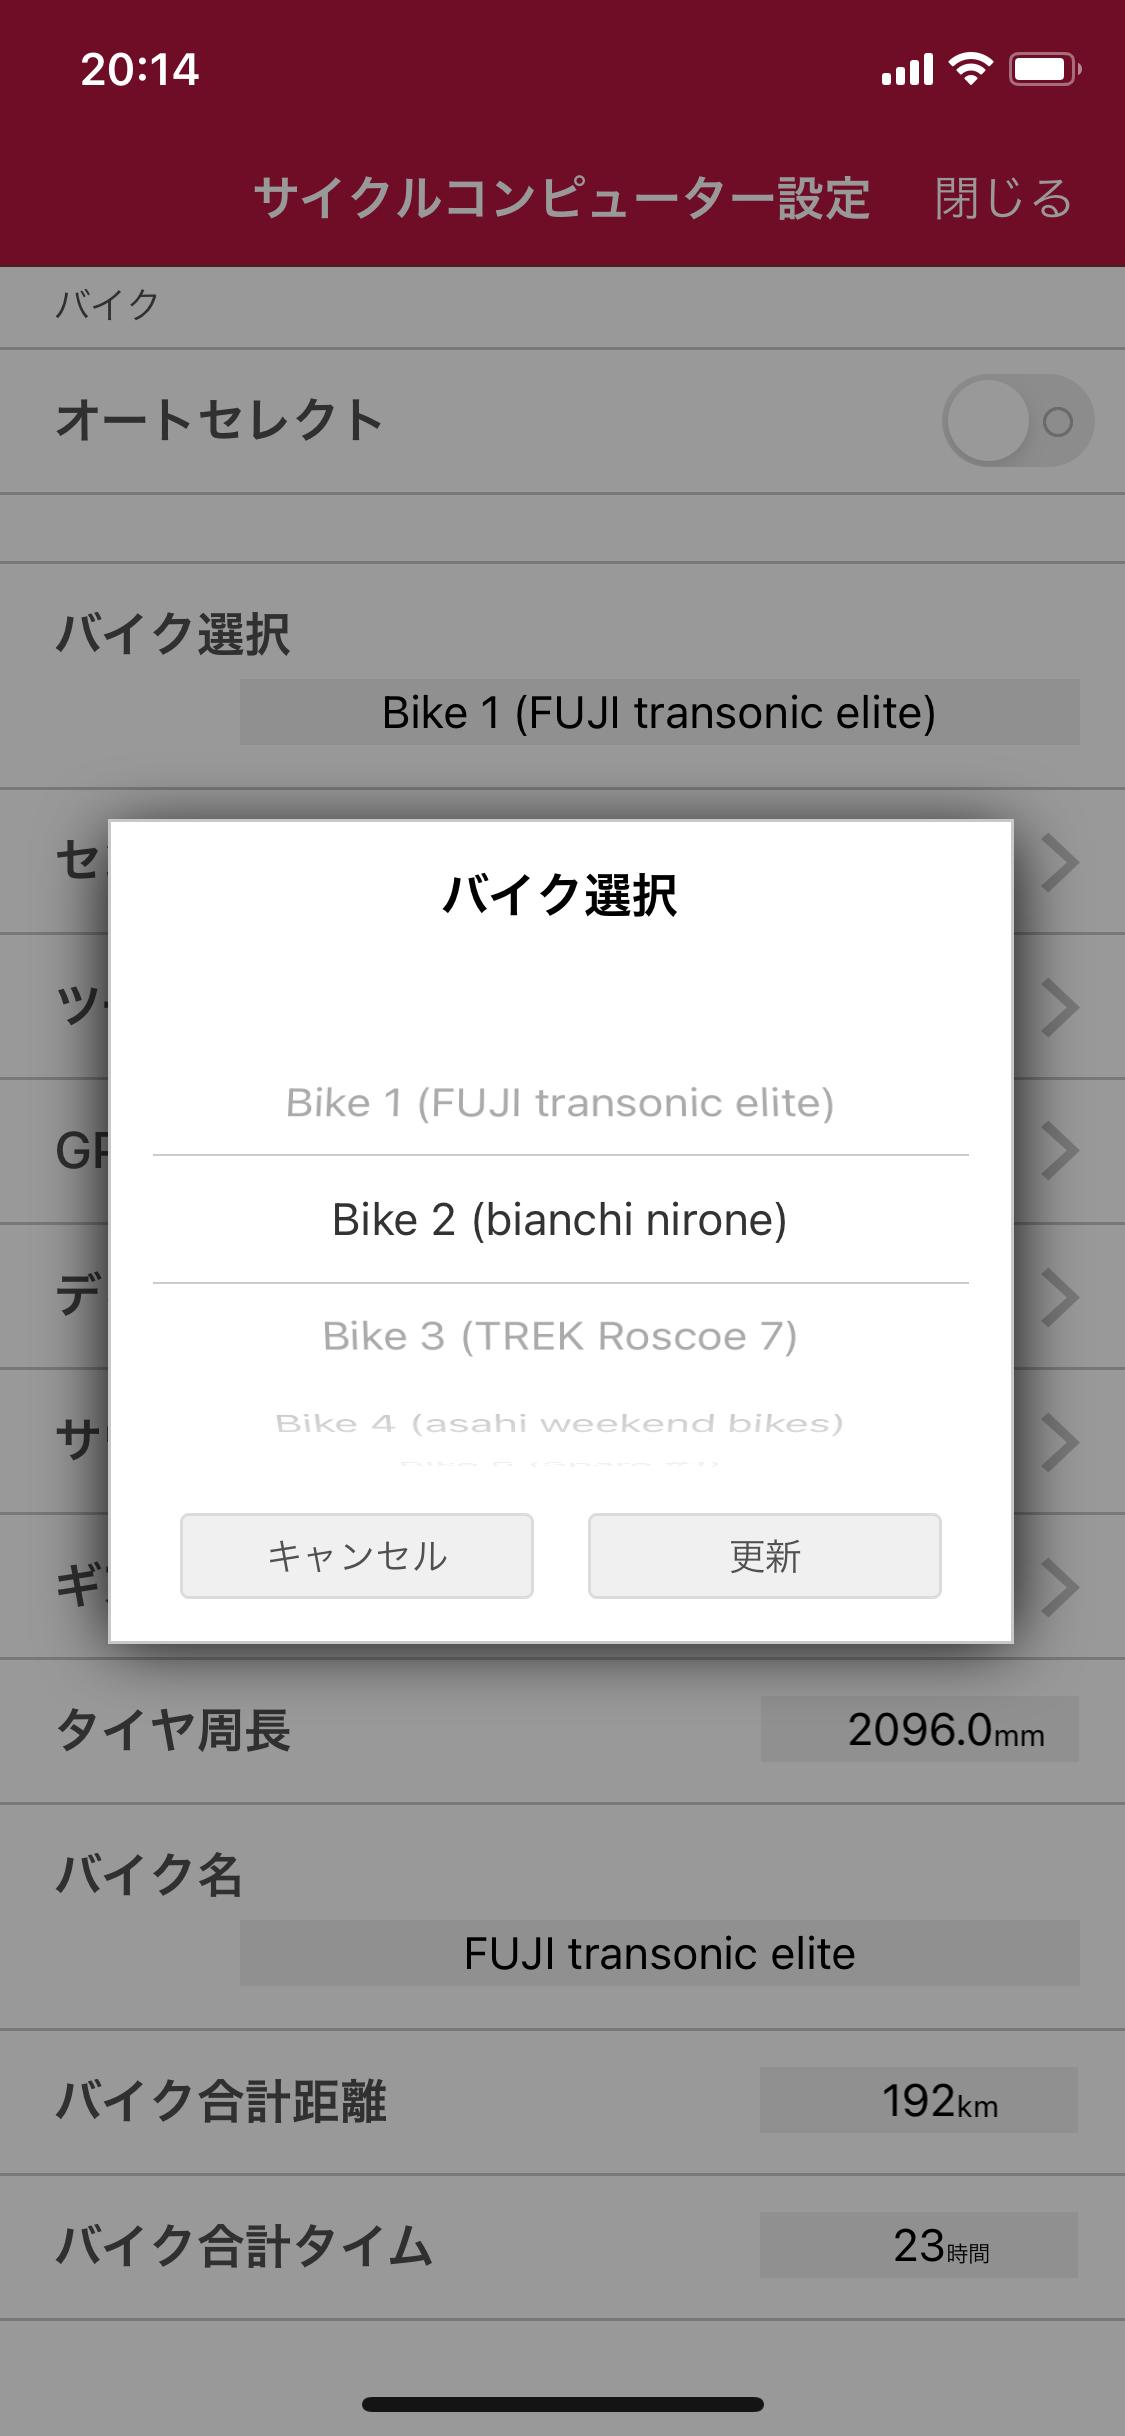 f:id:transonic-elite:20201011210618p:image